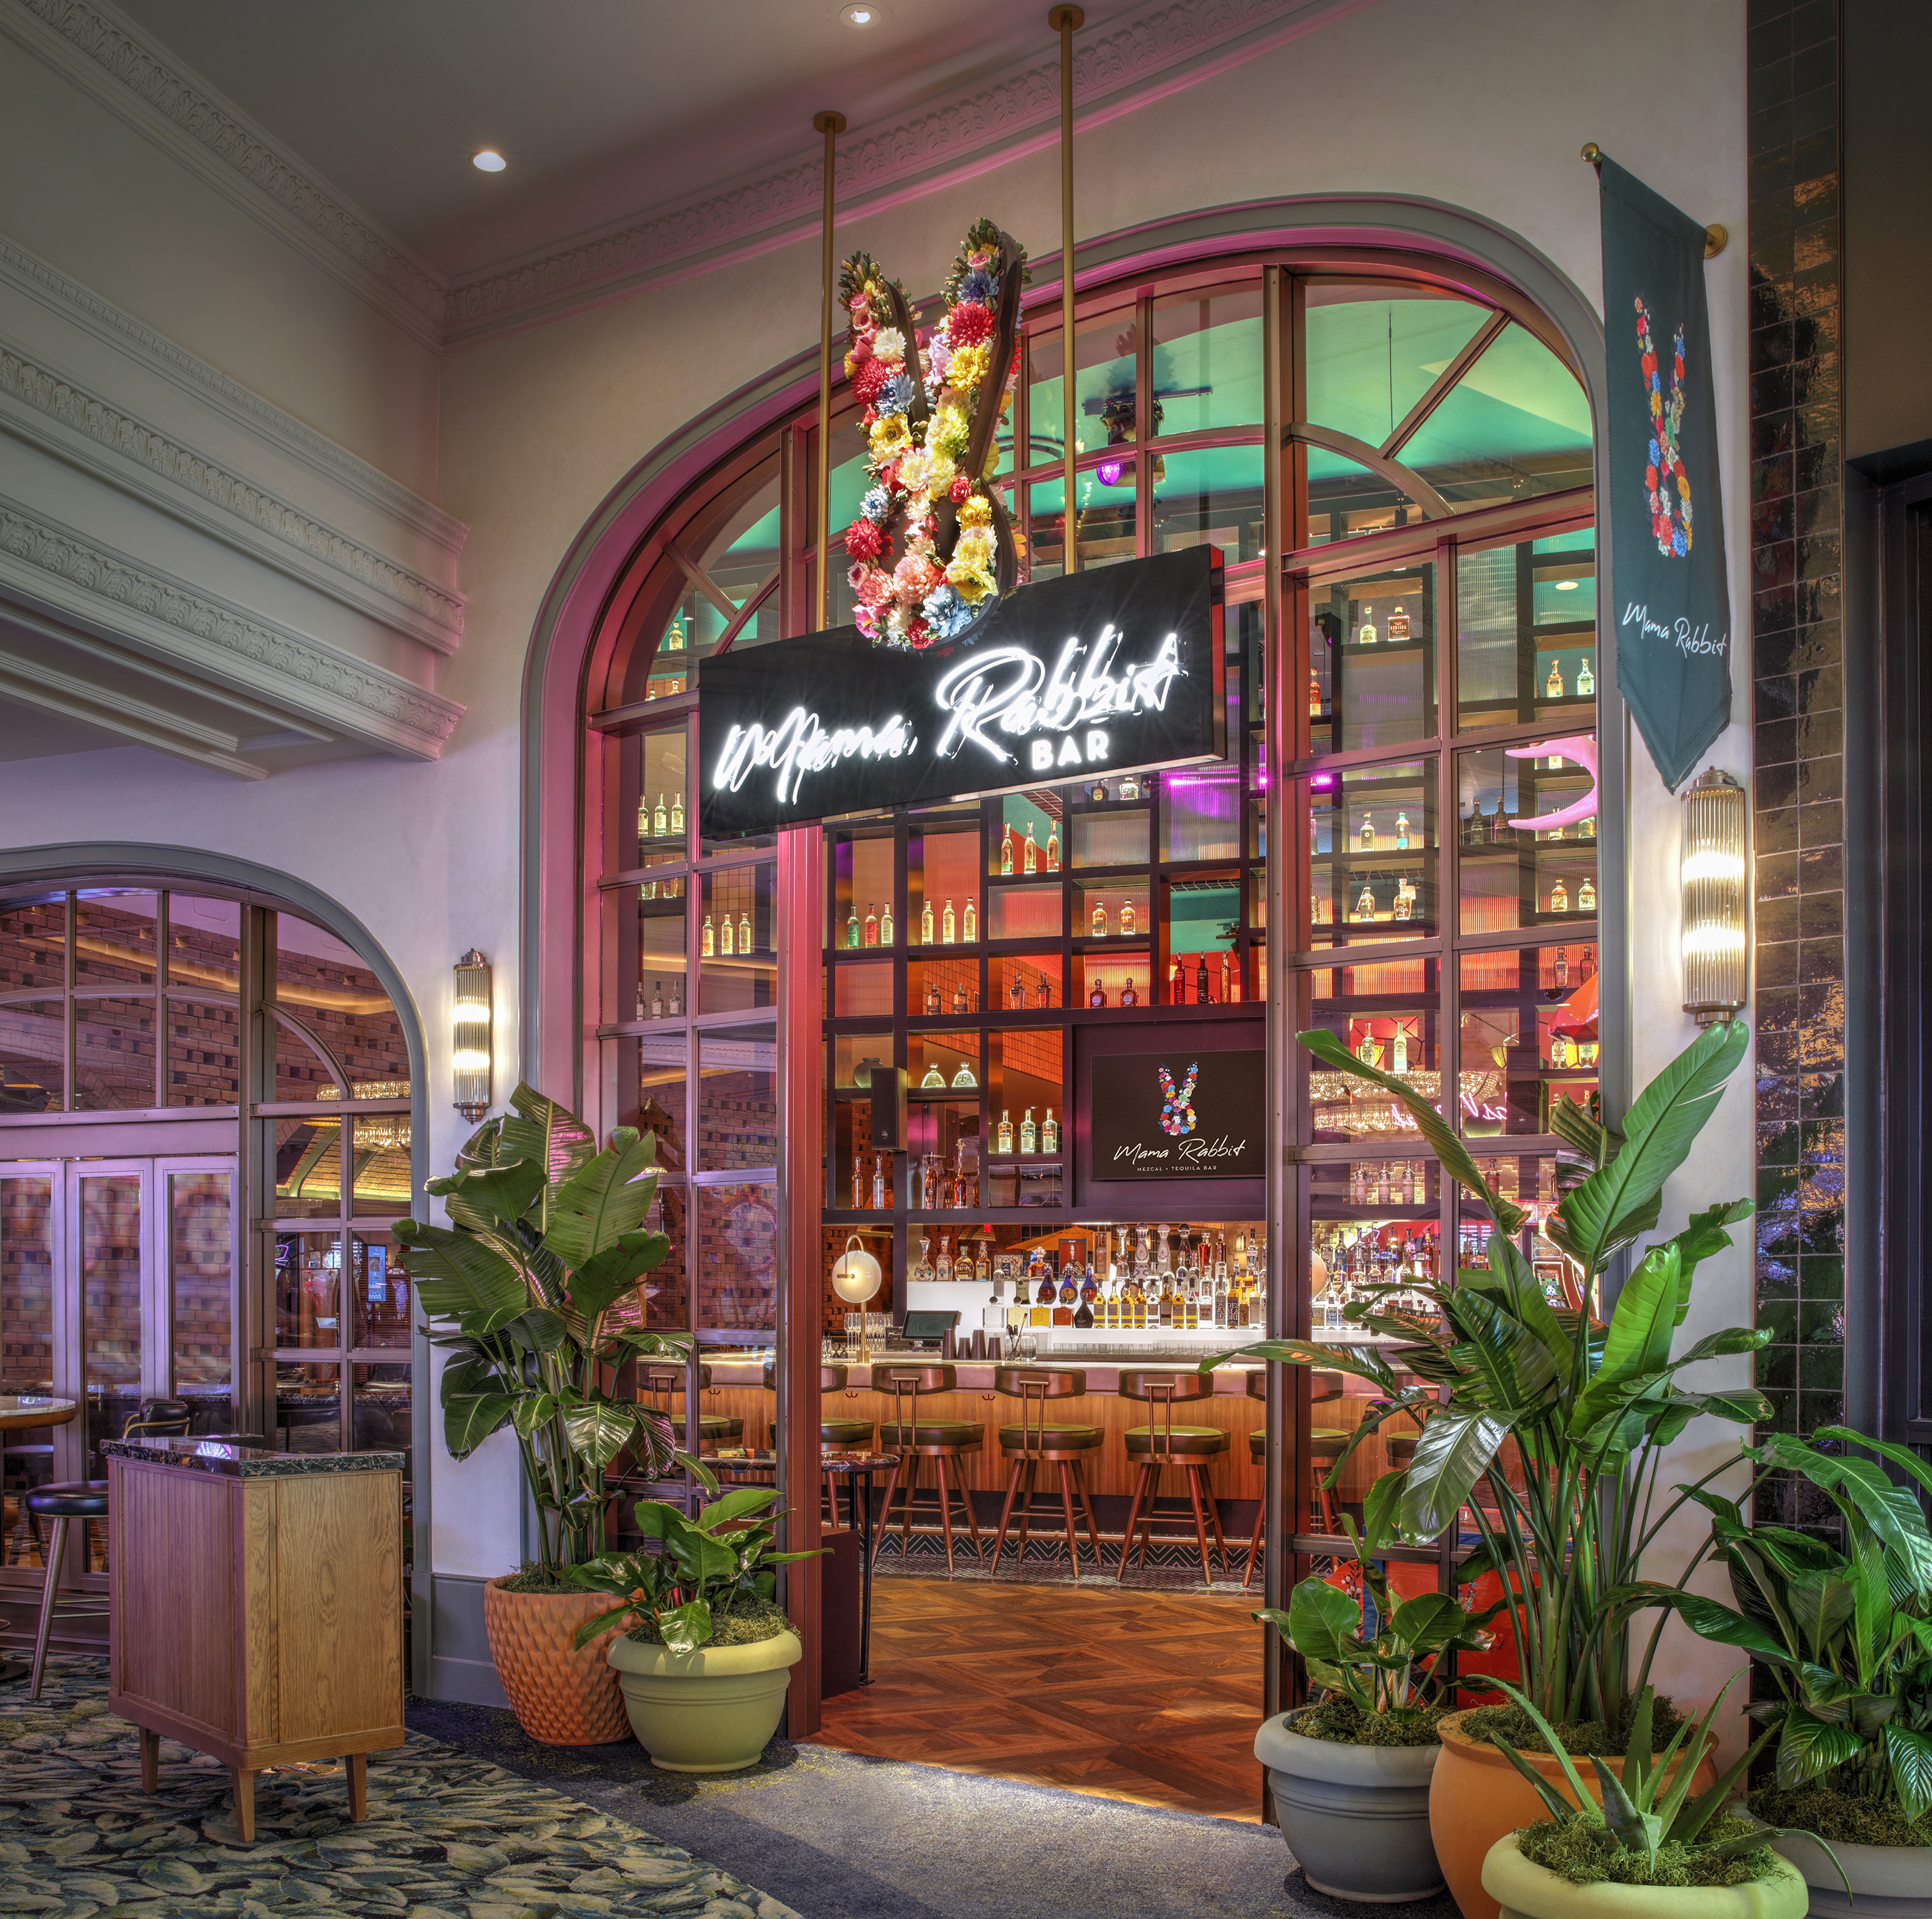 Mama Rabbit Bar at Park MGM in Las Vegas